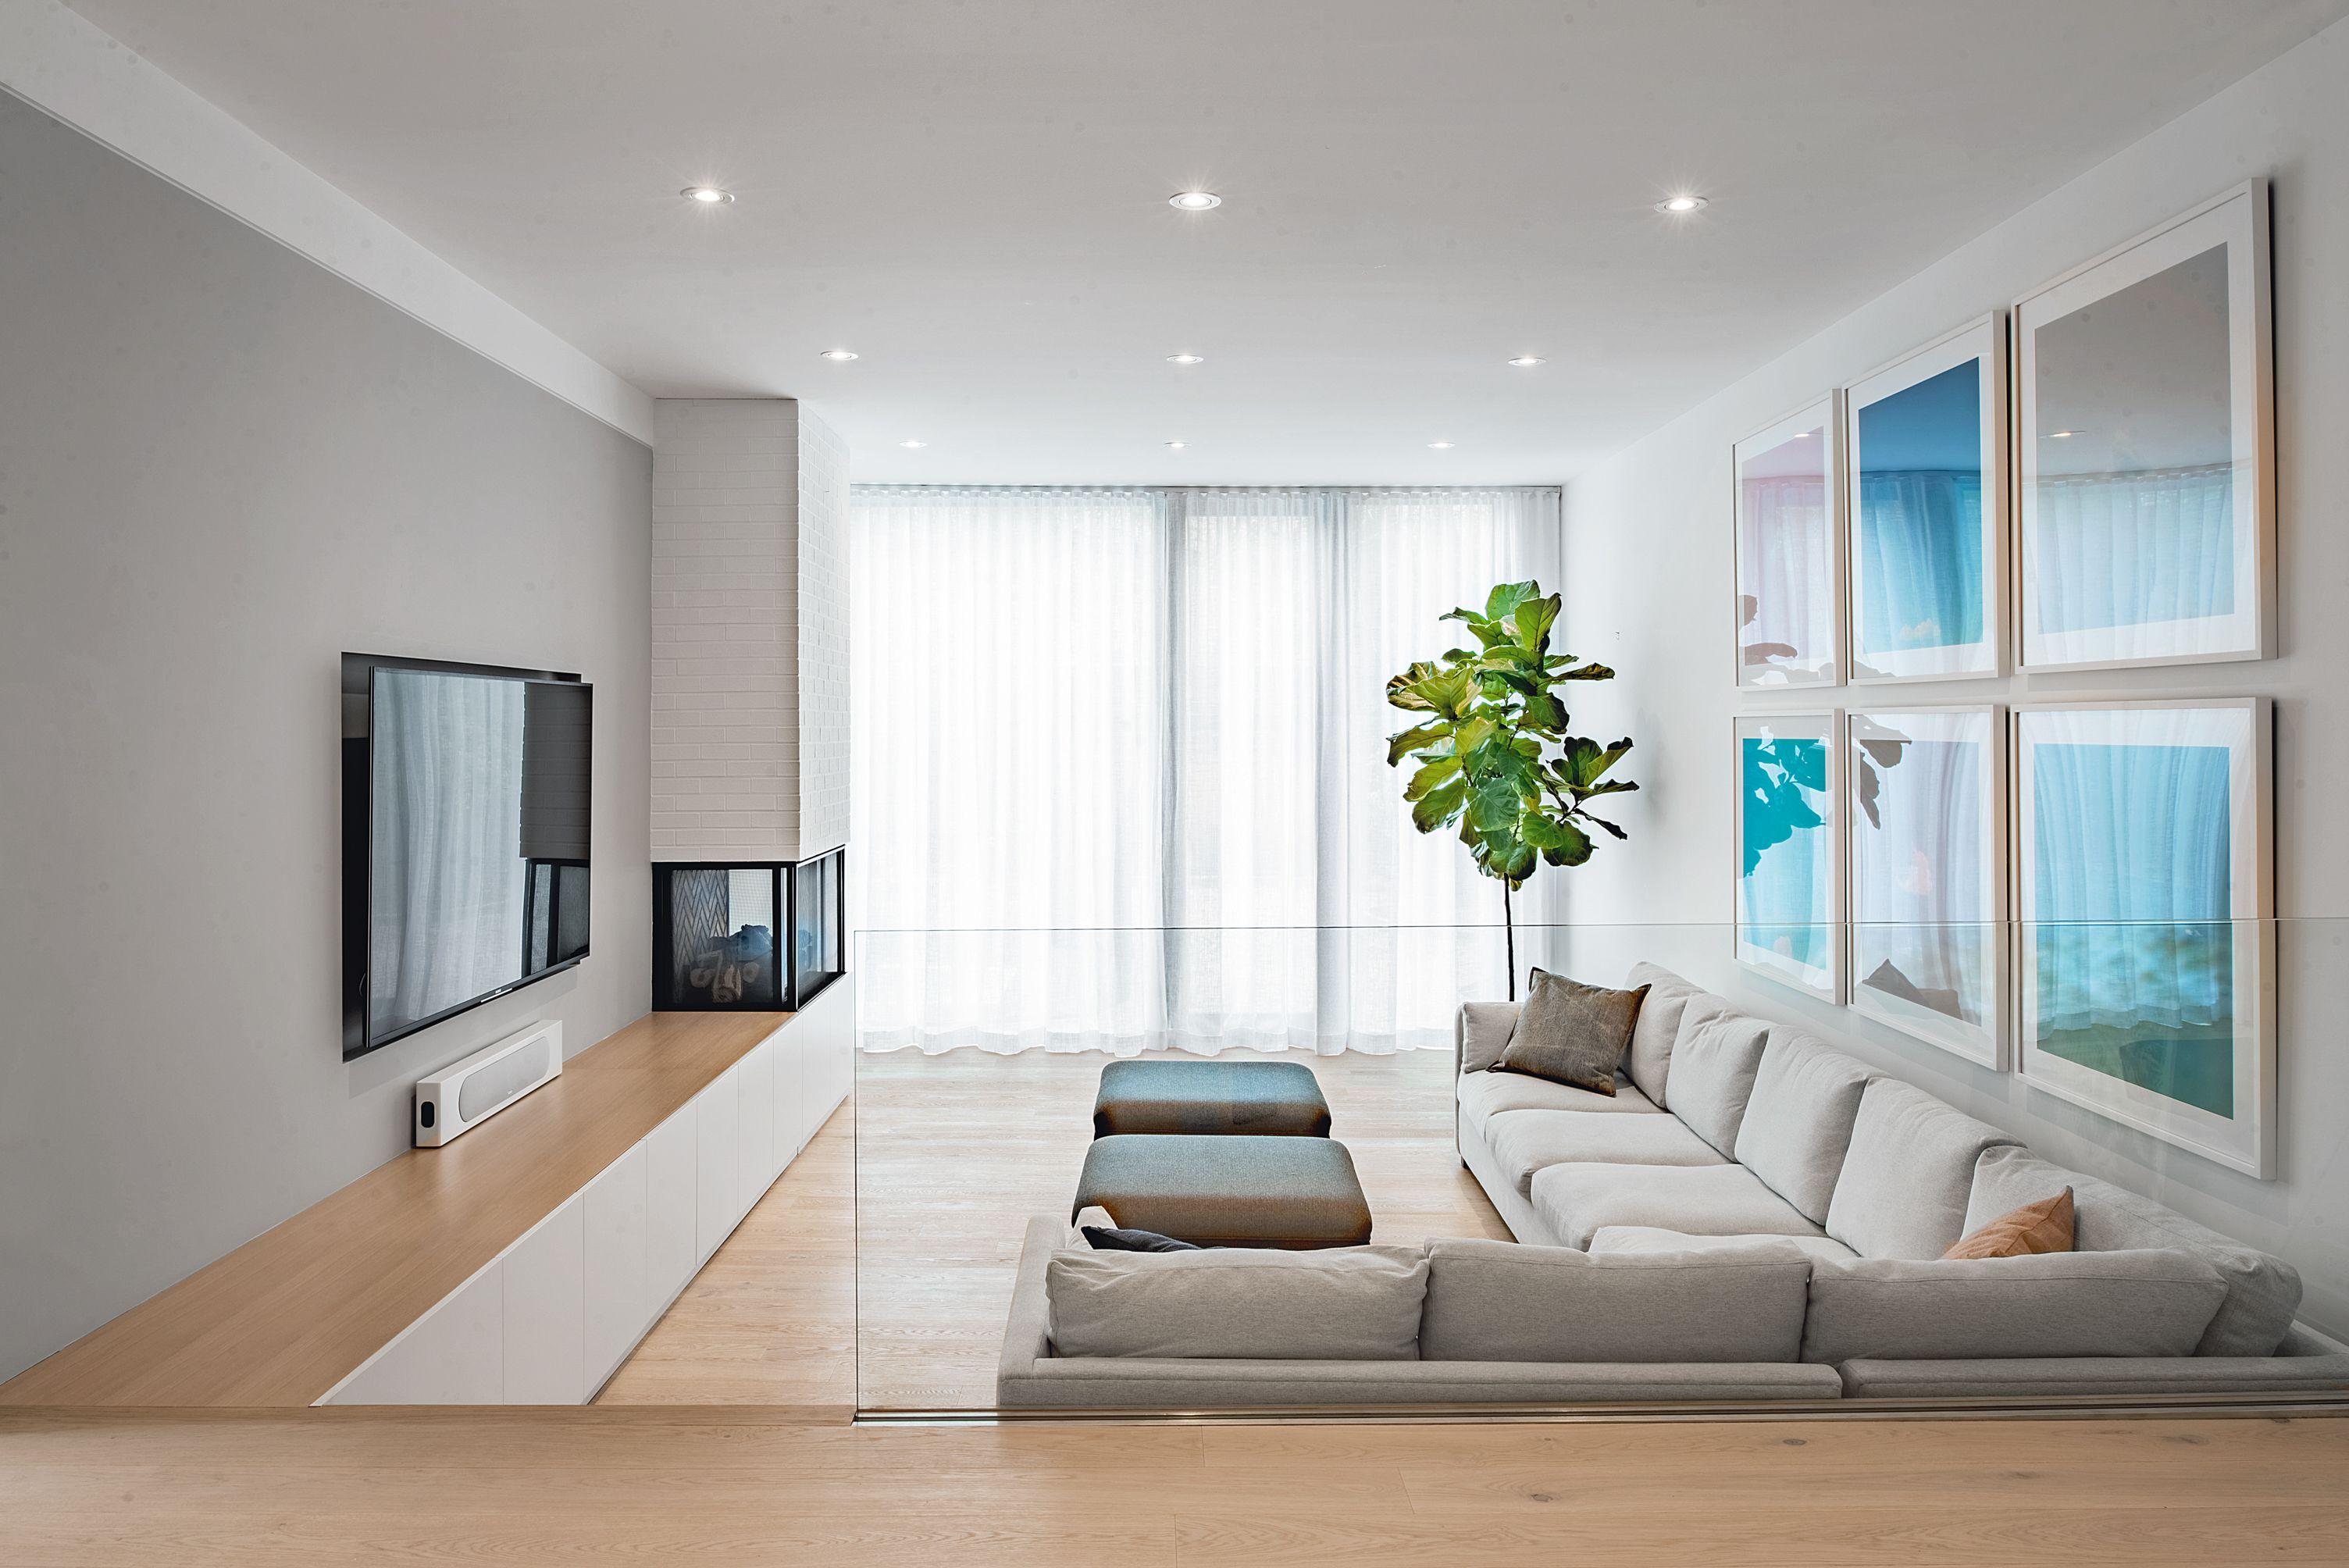 Richview Residence Sunken Living Room Living Room Design Inspiration Oak Floor Living Room